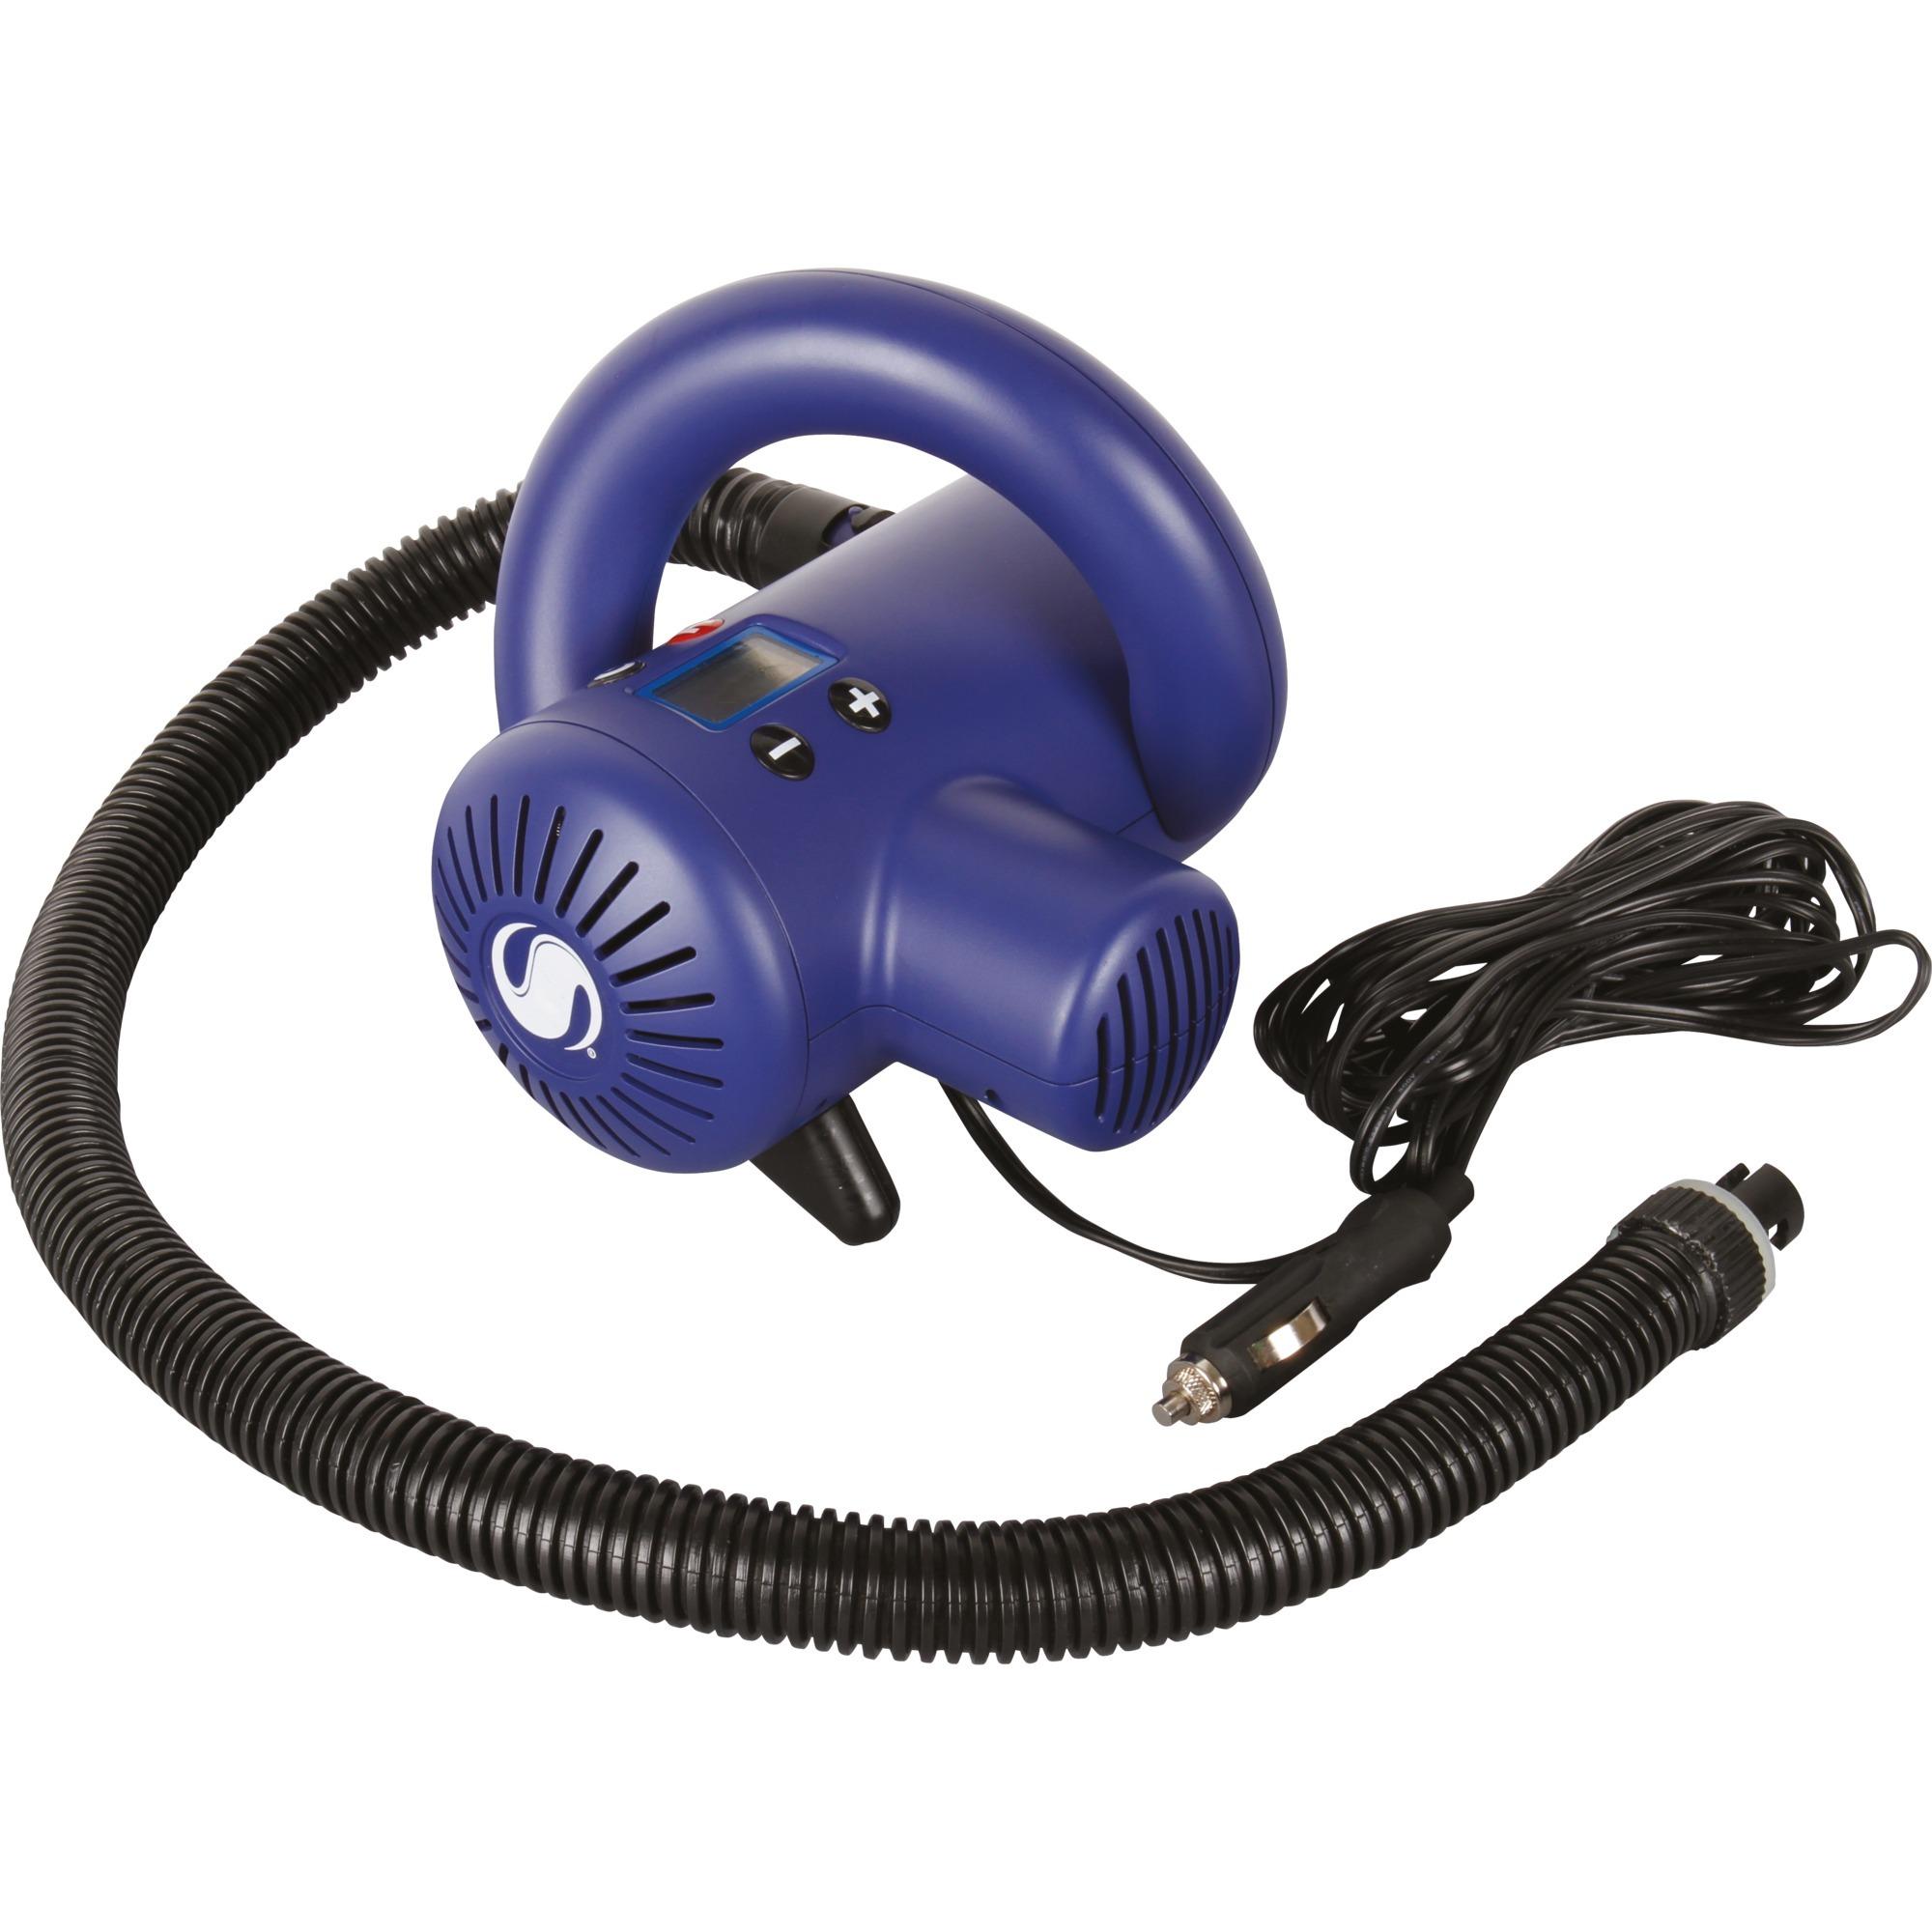 2000014707 bomba de aire eléctrica